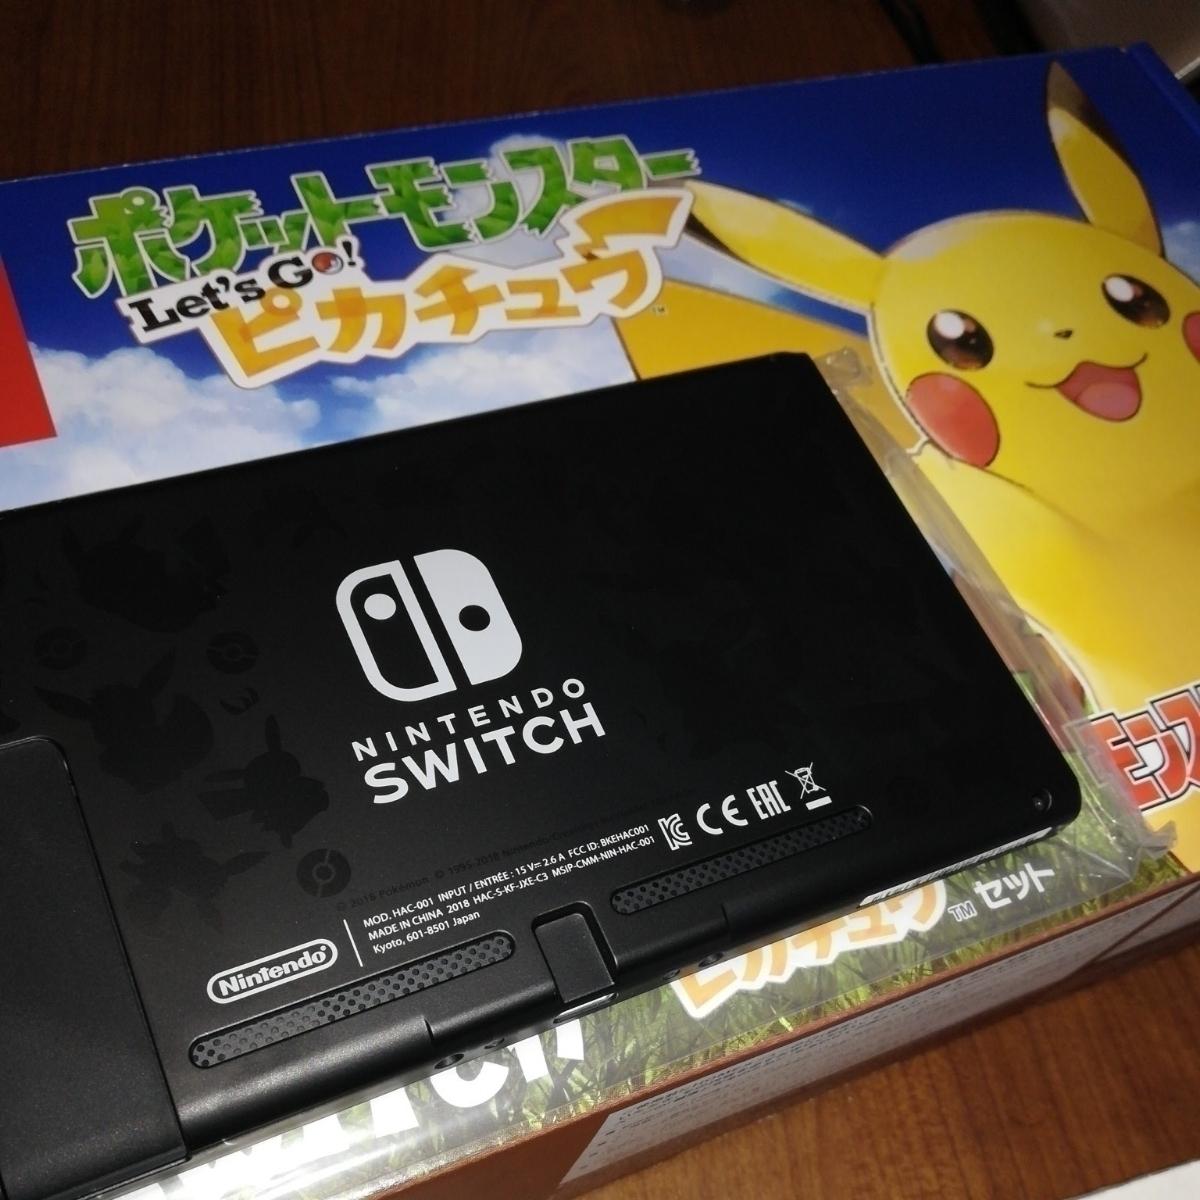 ★1円~ ニンテンドースイッチ Nintendo Switch ポケットモンスター Let's Go!ピカチュウ 本体のみ DL版ソフト付き 新品未使用★_画像2